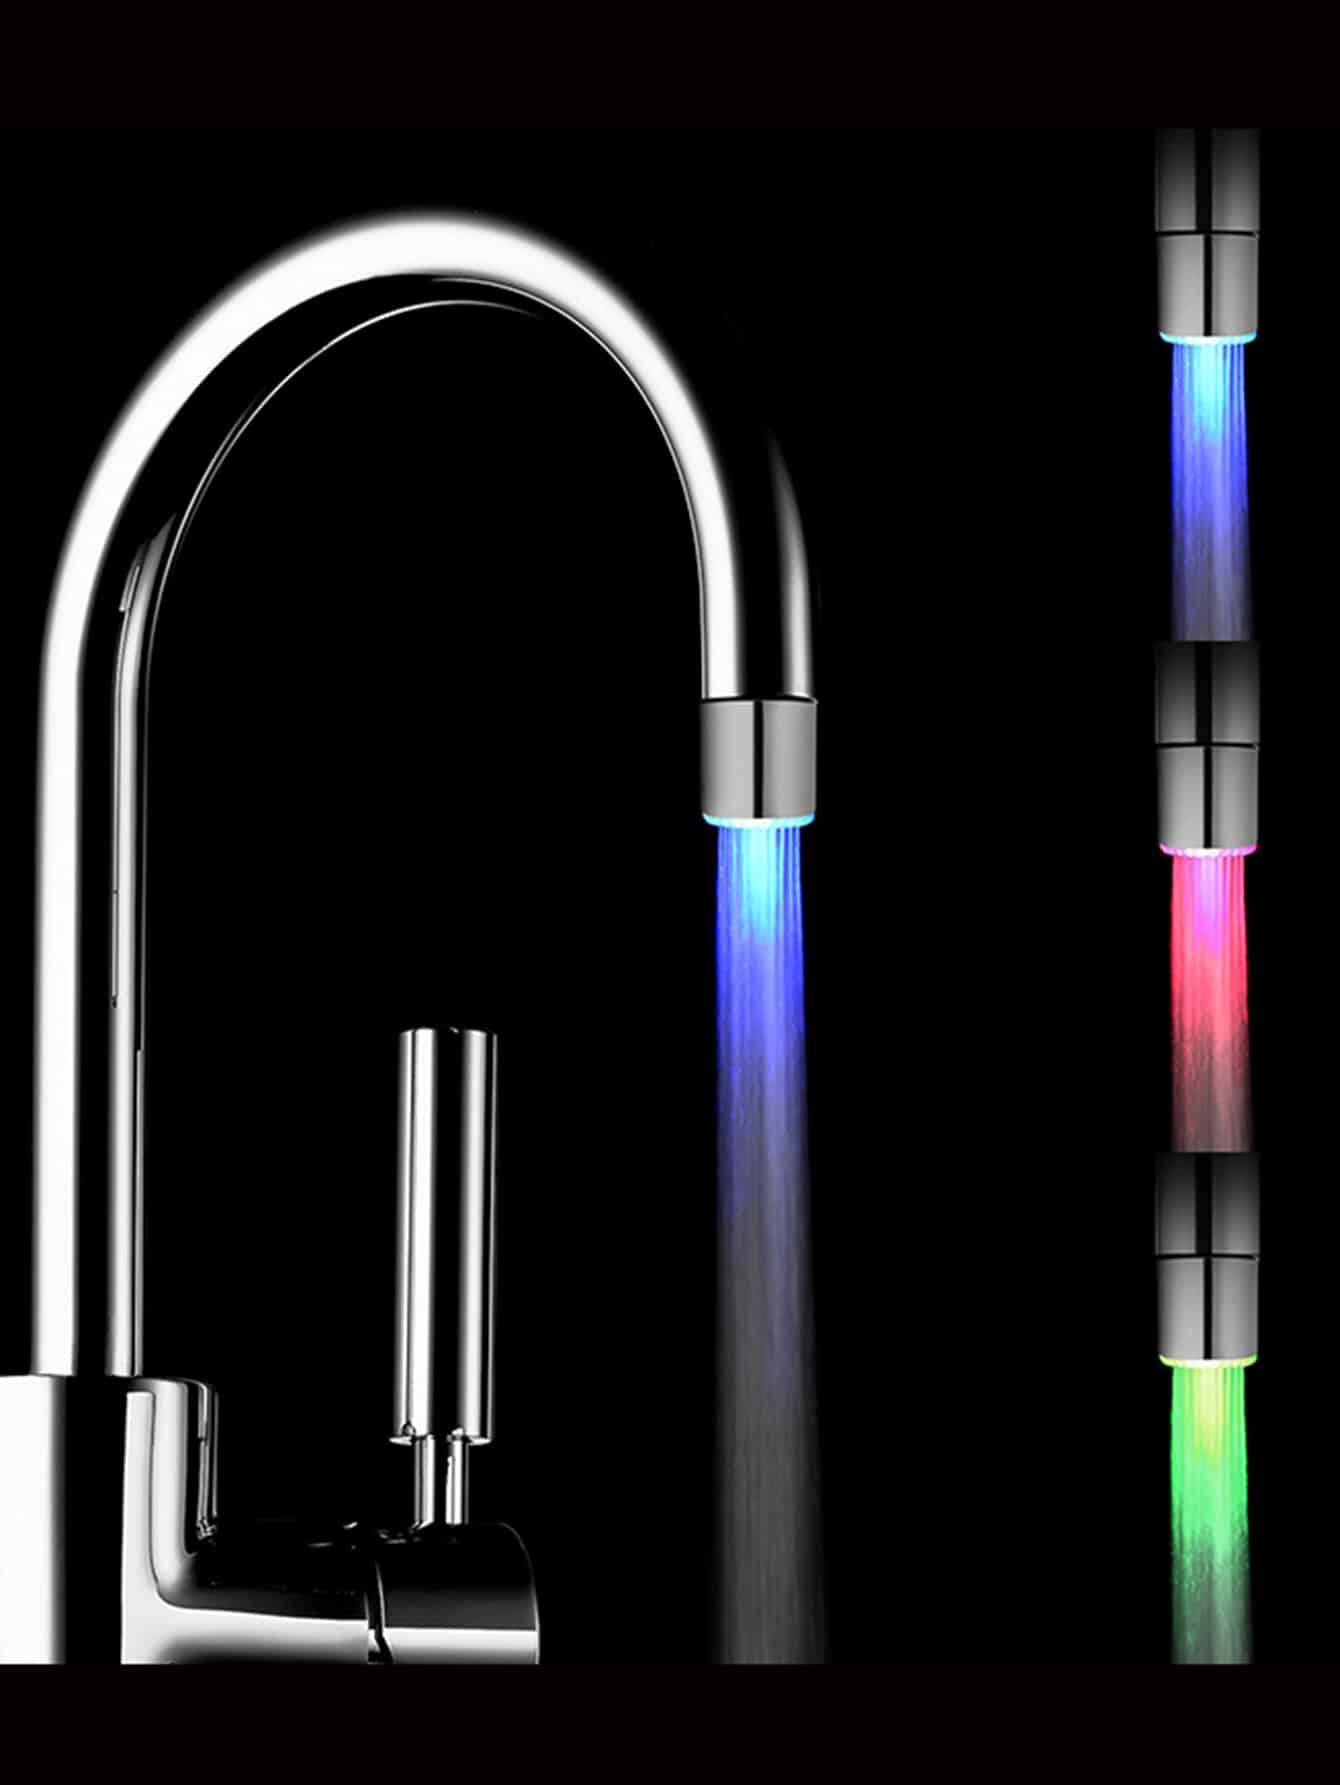 Купить Гидроэлектрическая лампа для водопроводного крана 12 V, null, SheIn